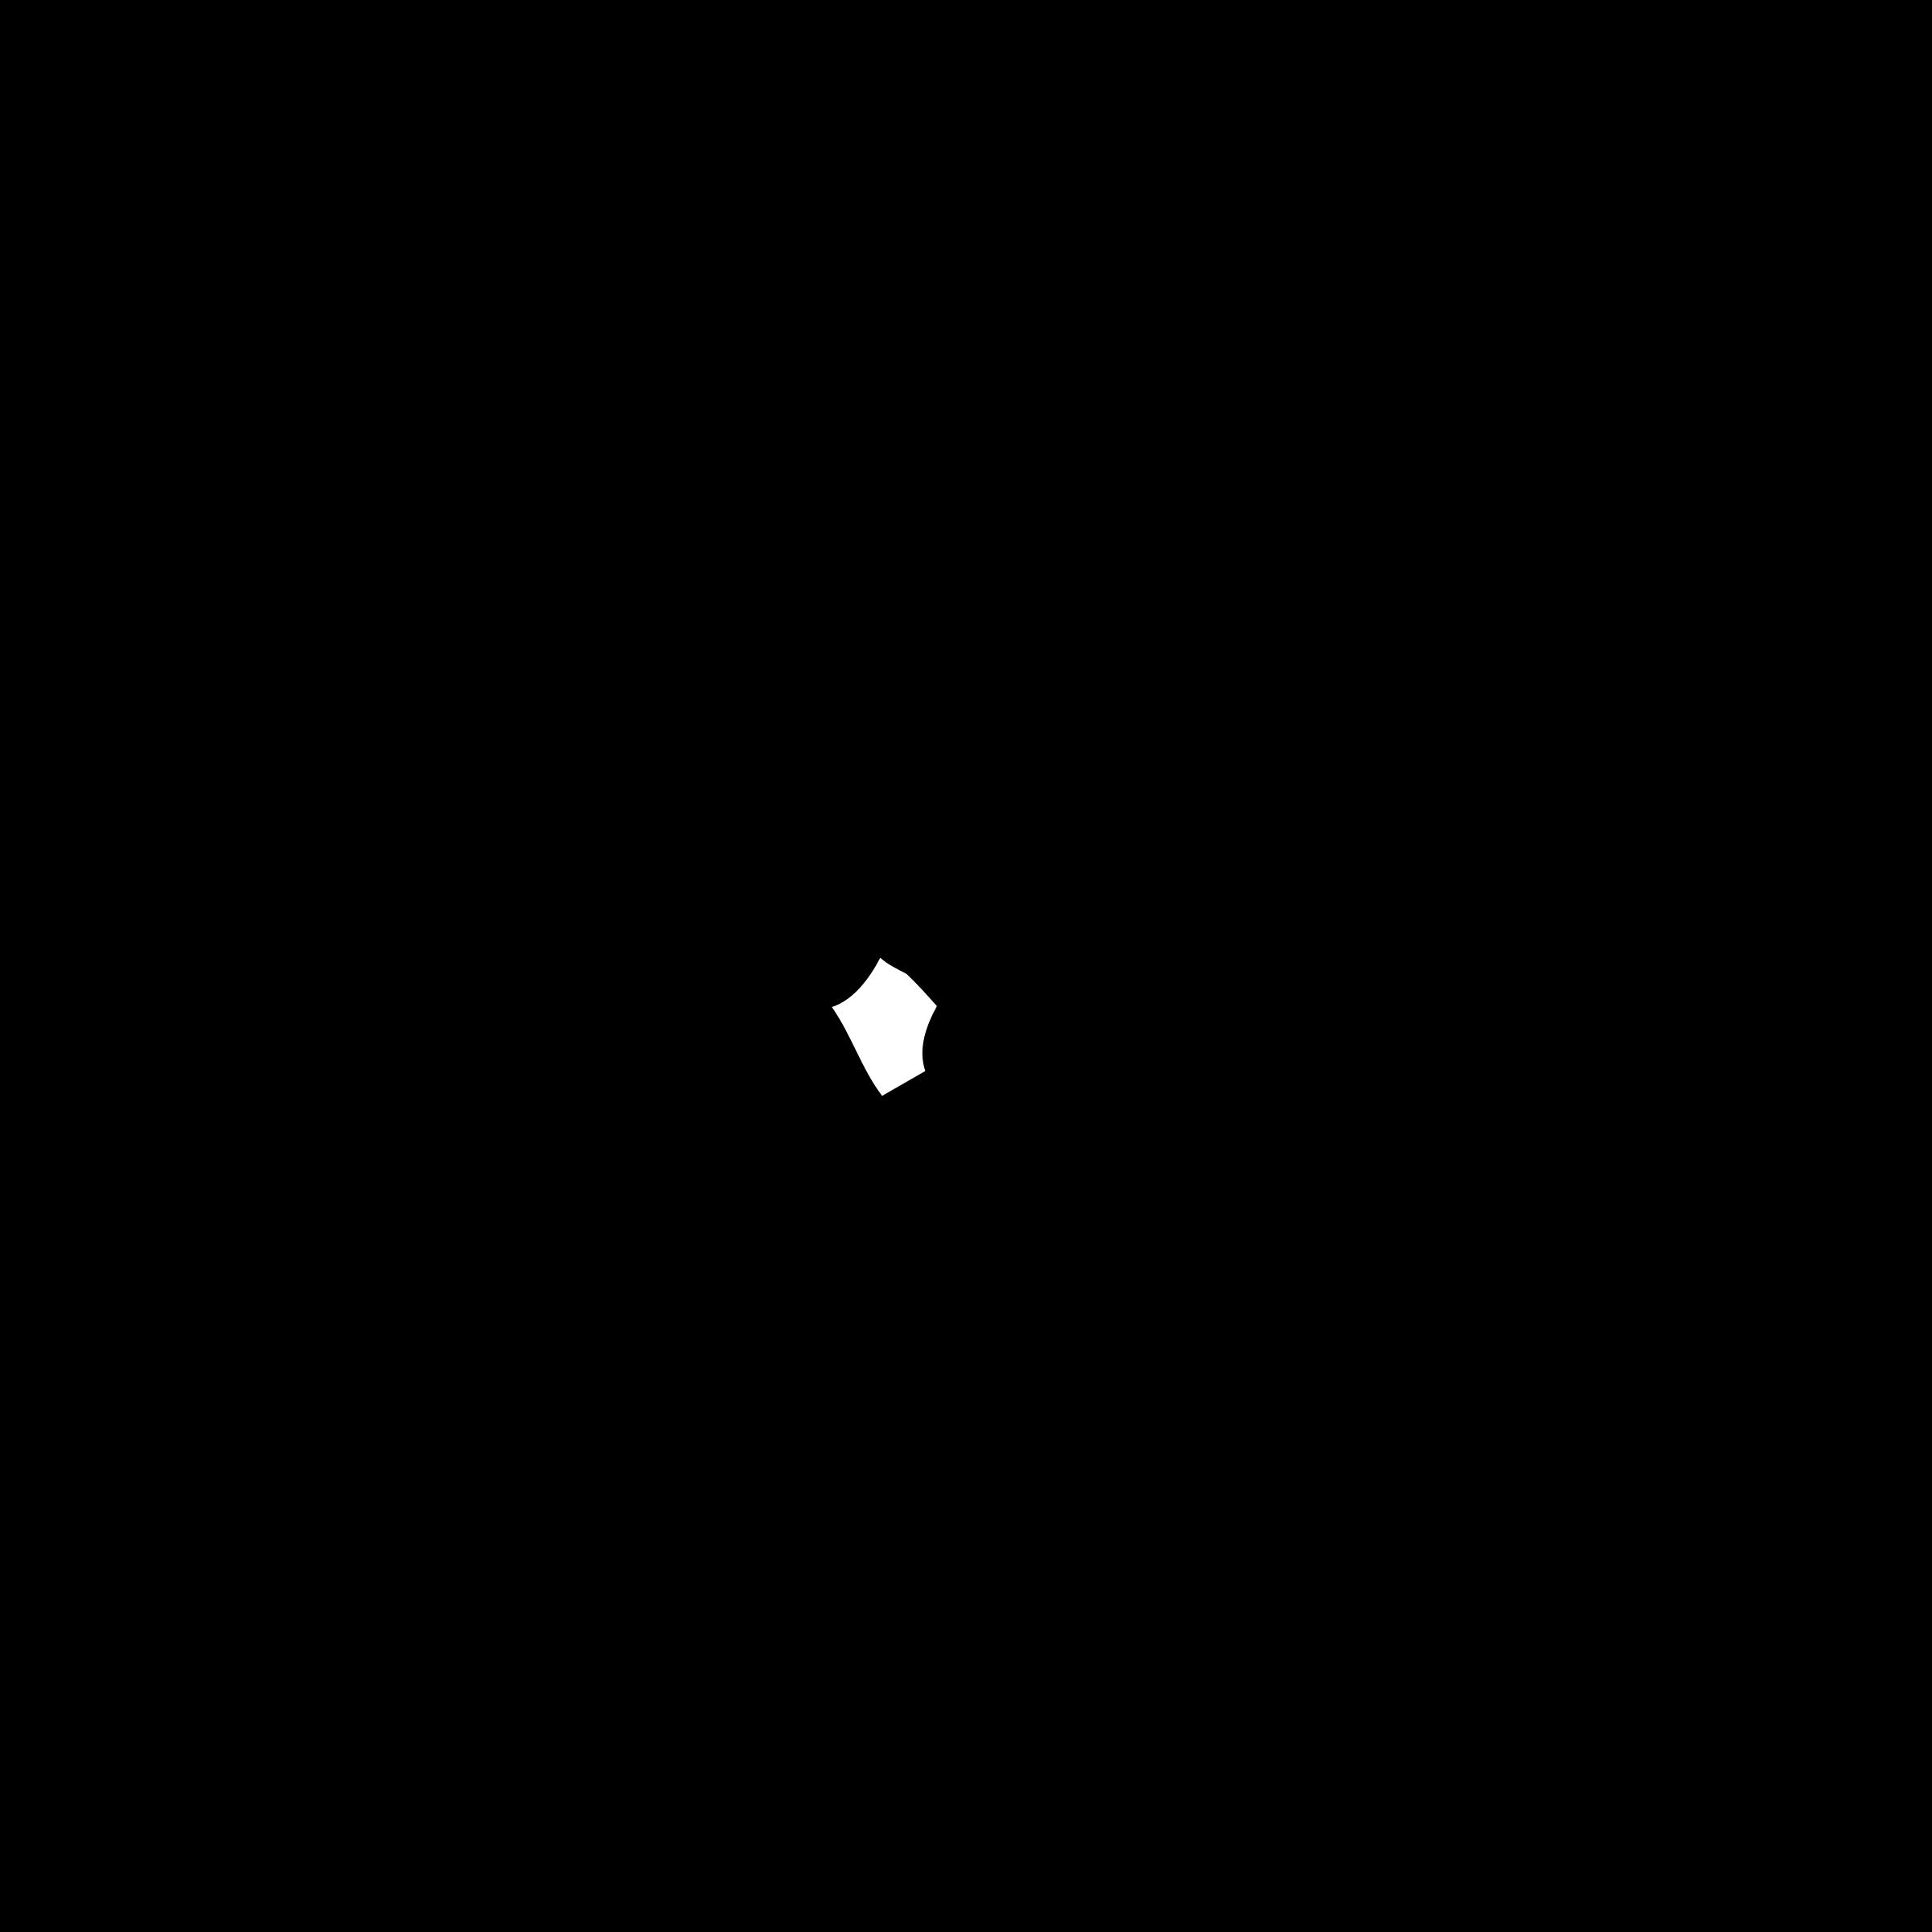 Холодное сердце логотип PNG